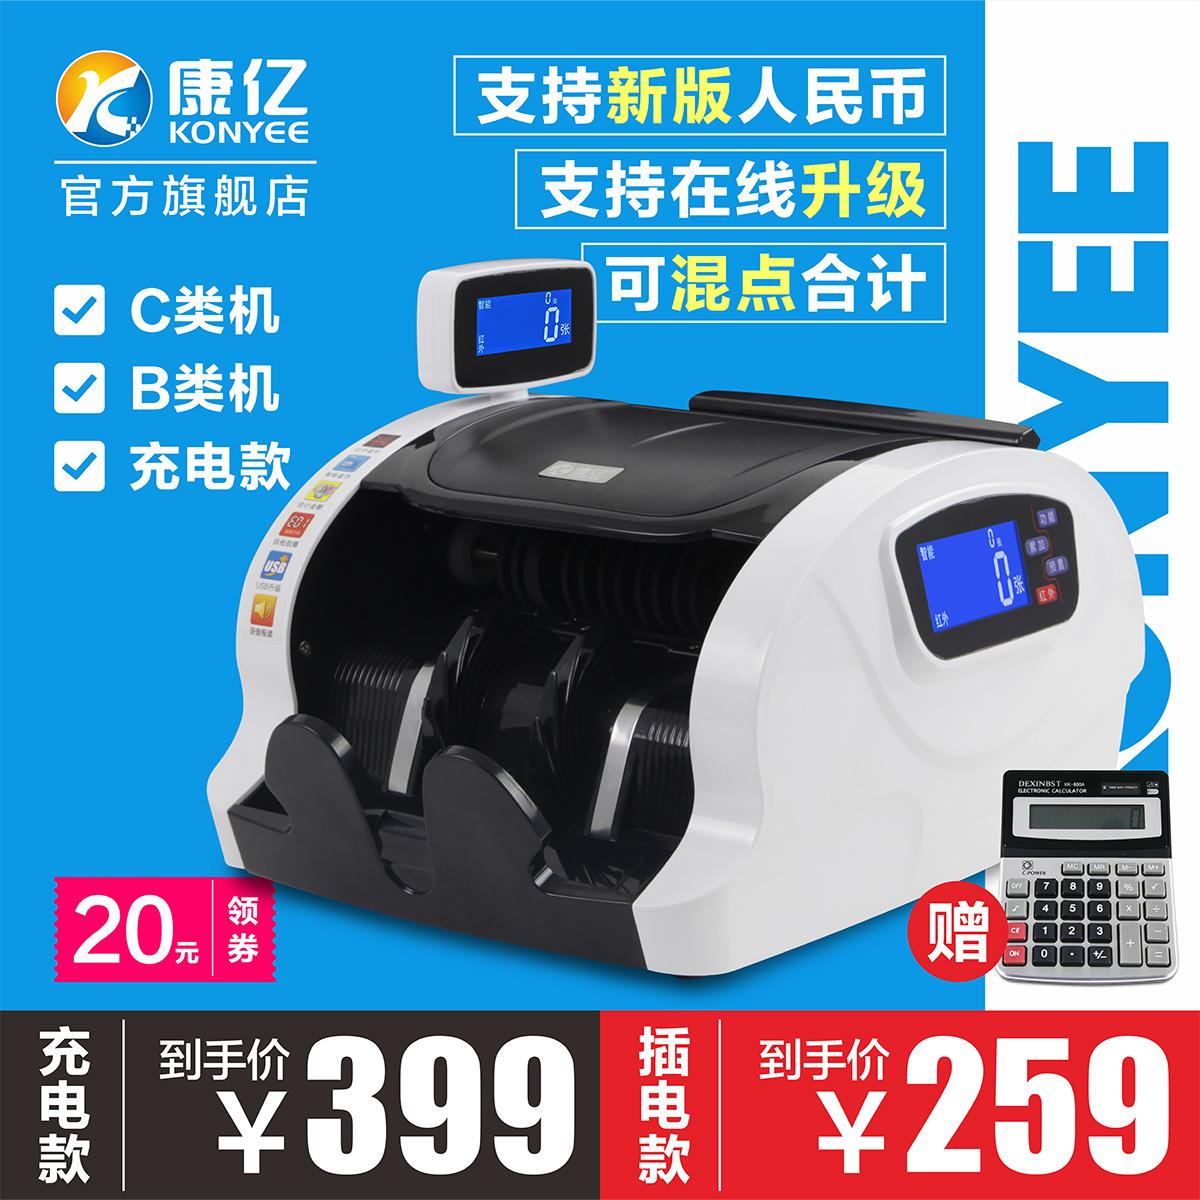 Kang Yi Детектор денег Маленький портативный счетчик денег B новый версия Банк юаней для Мини-офисный дом